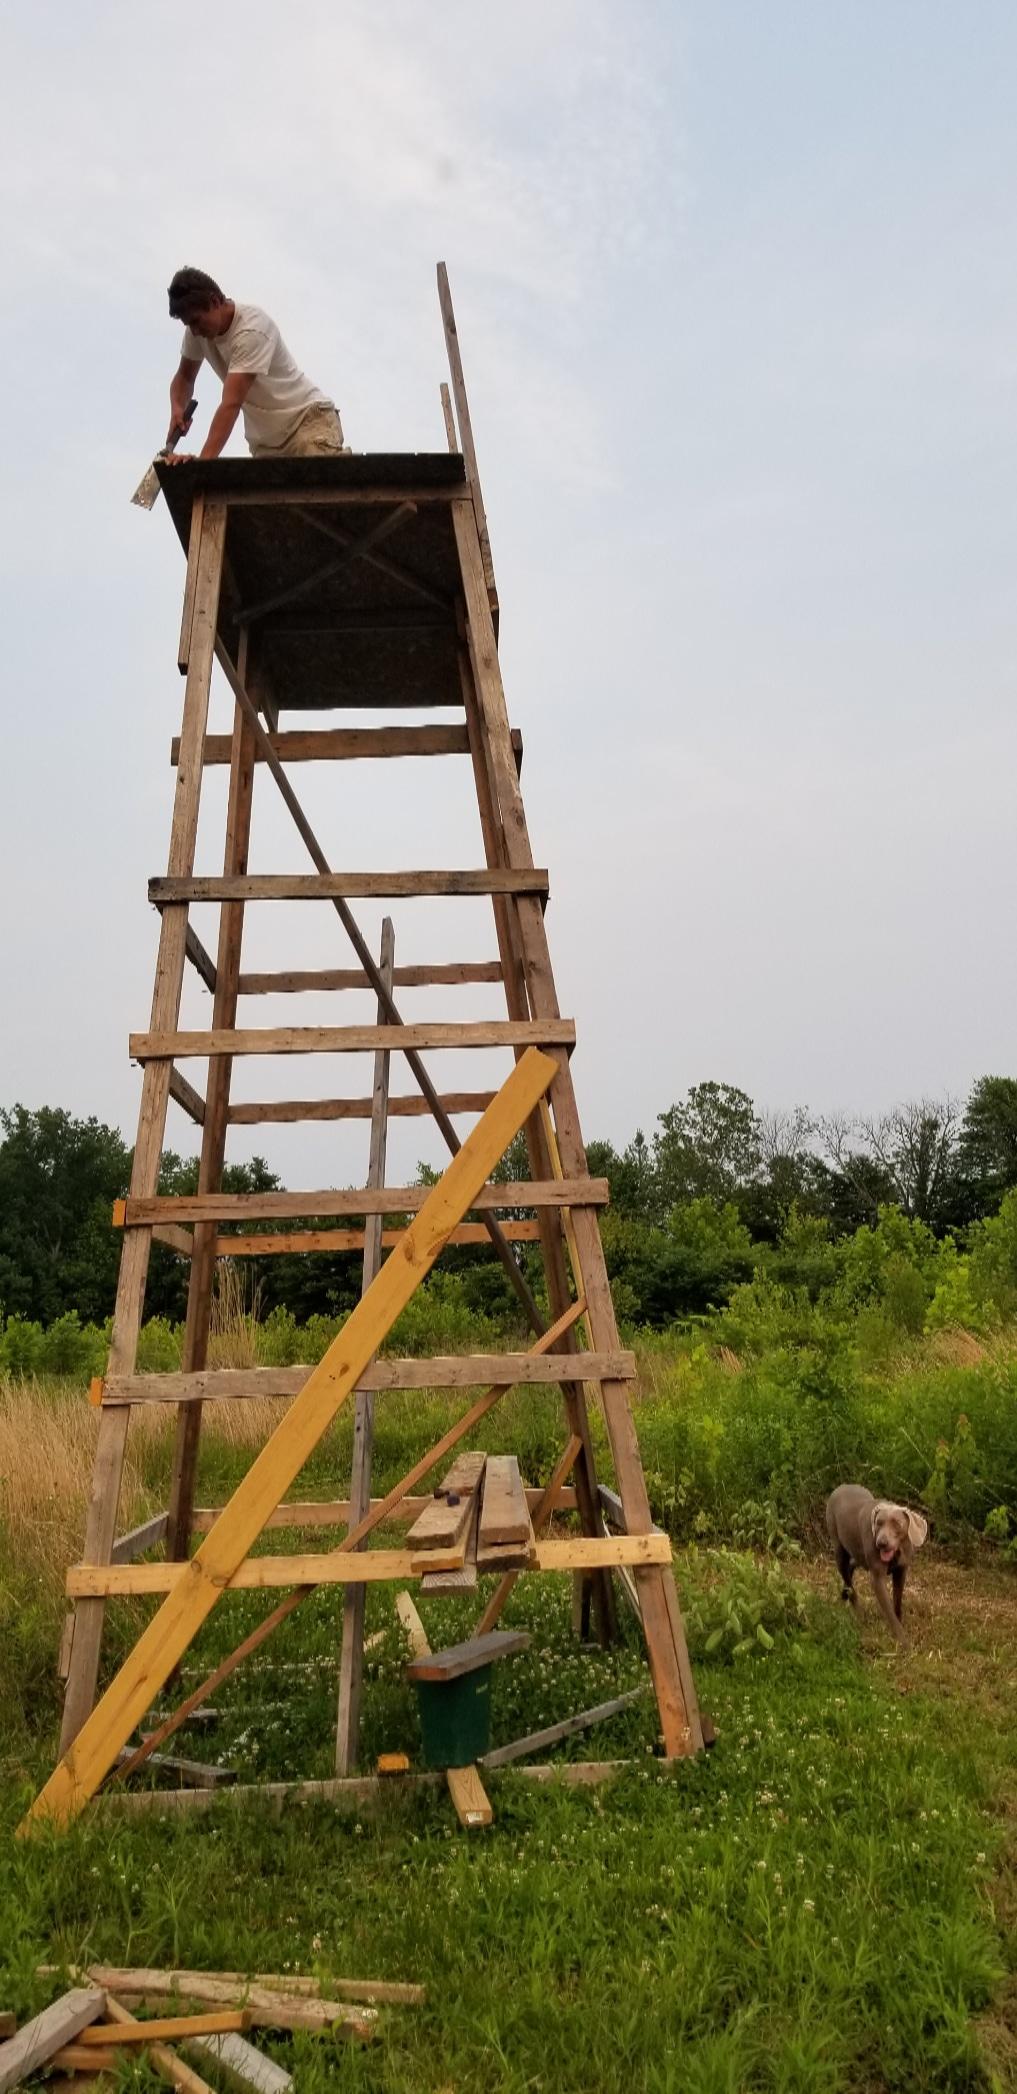 watchtower 2.0